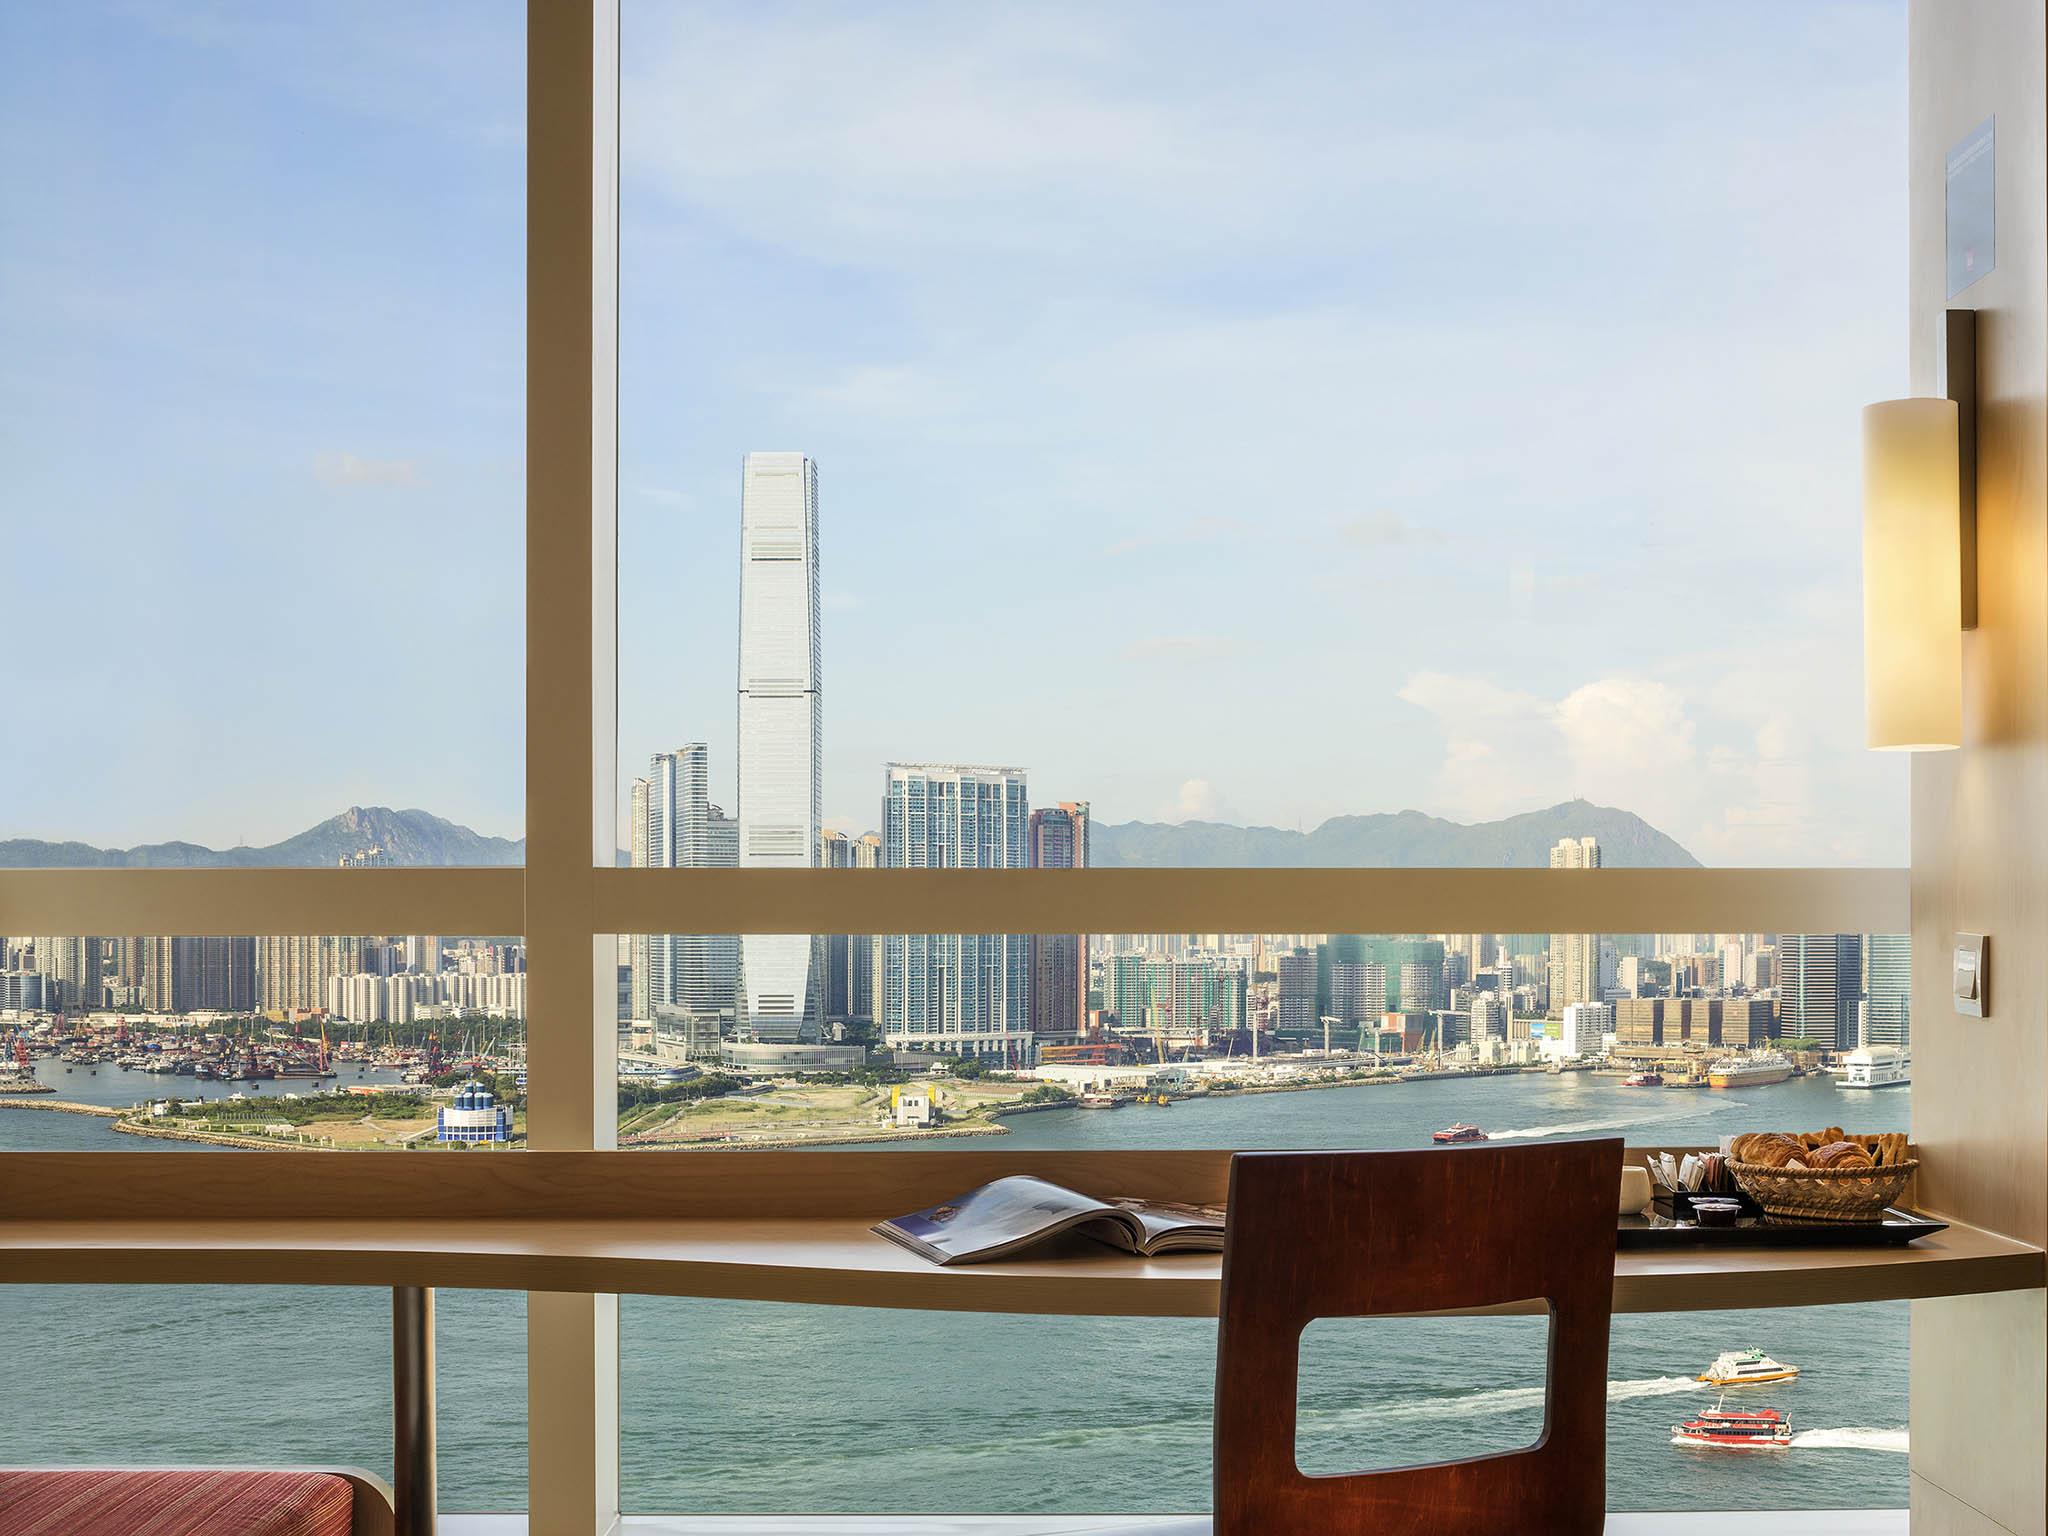 โรงแรม – ไอบิส ฮ่องกง เซ็นทรัล แอนด์ เชิงหว่าน